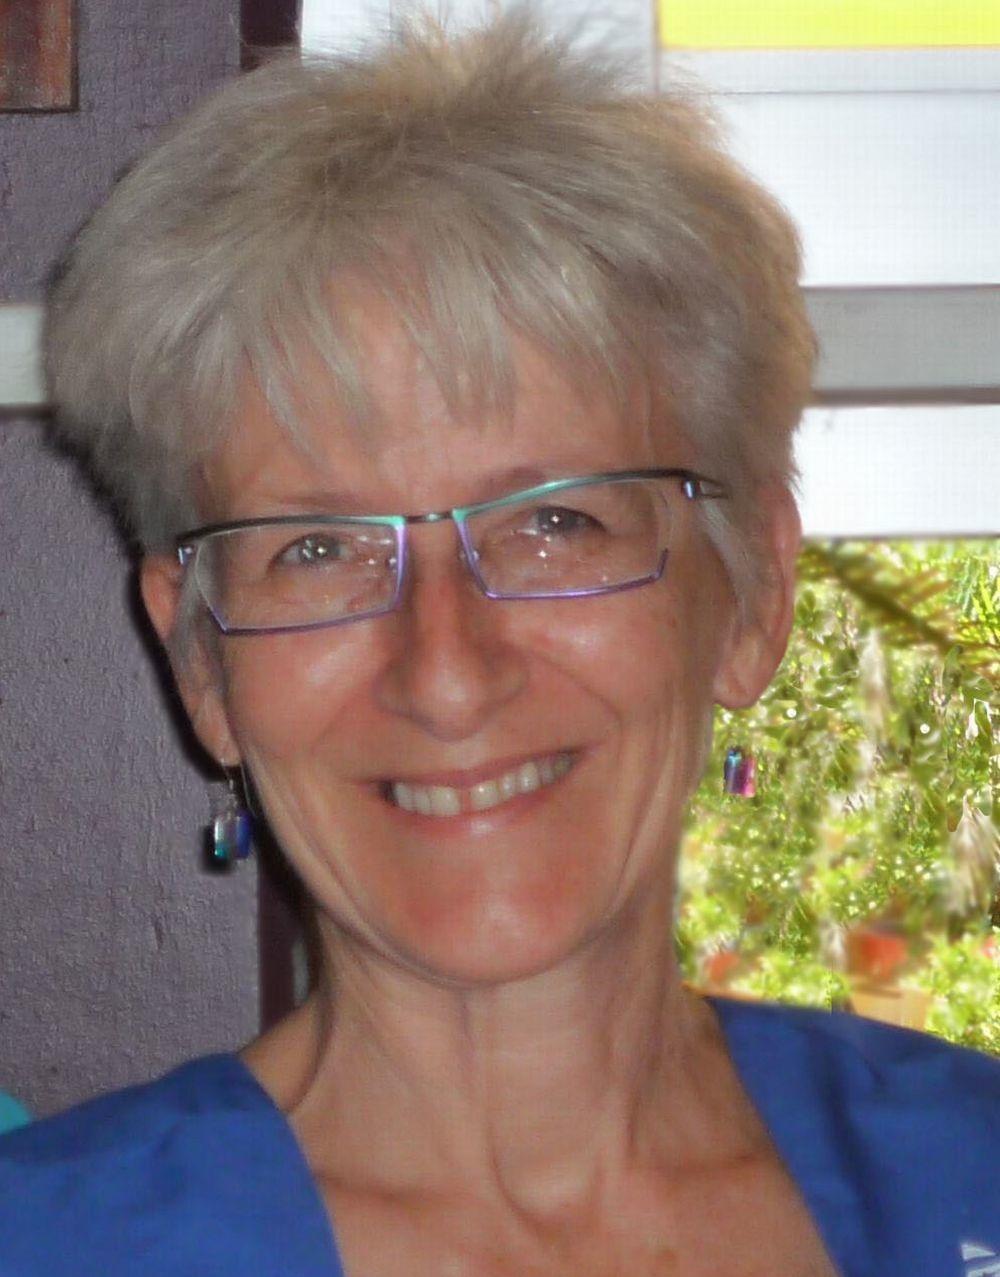 Sheryl_profile pix.jpg